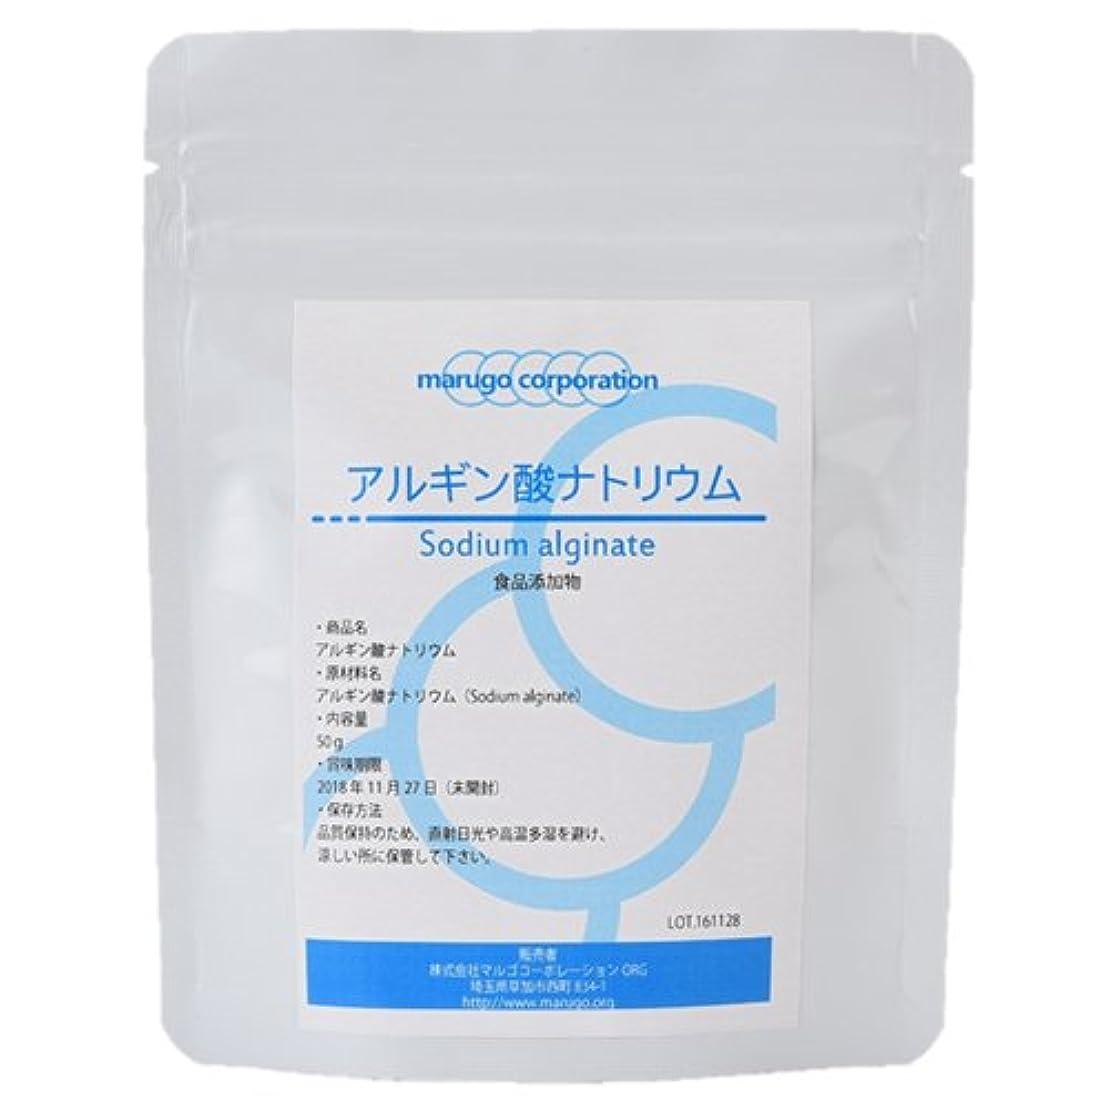 生きている上がる断線marugo(マルゴ) アルギン酸ナトリウム 50g 人口イクラ ぷるぷる水 食品添加物グレード(食用)